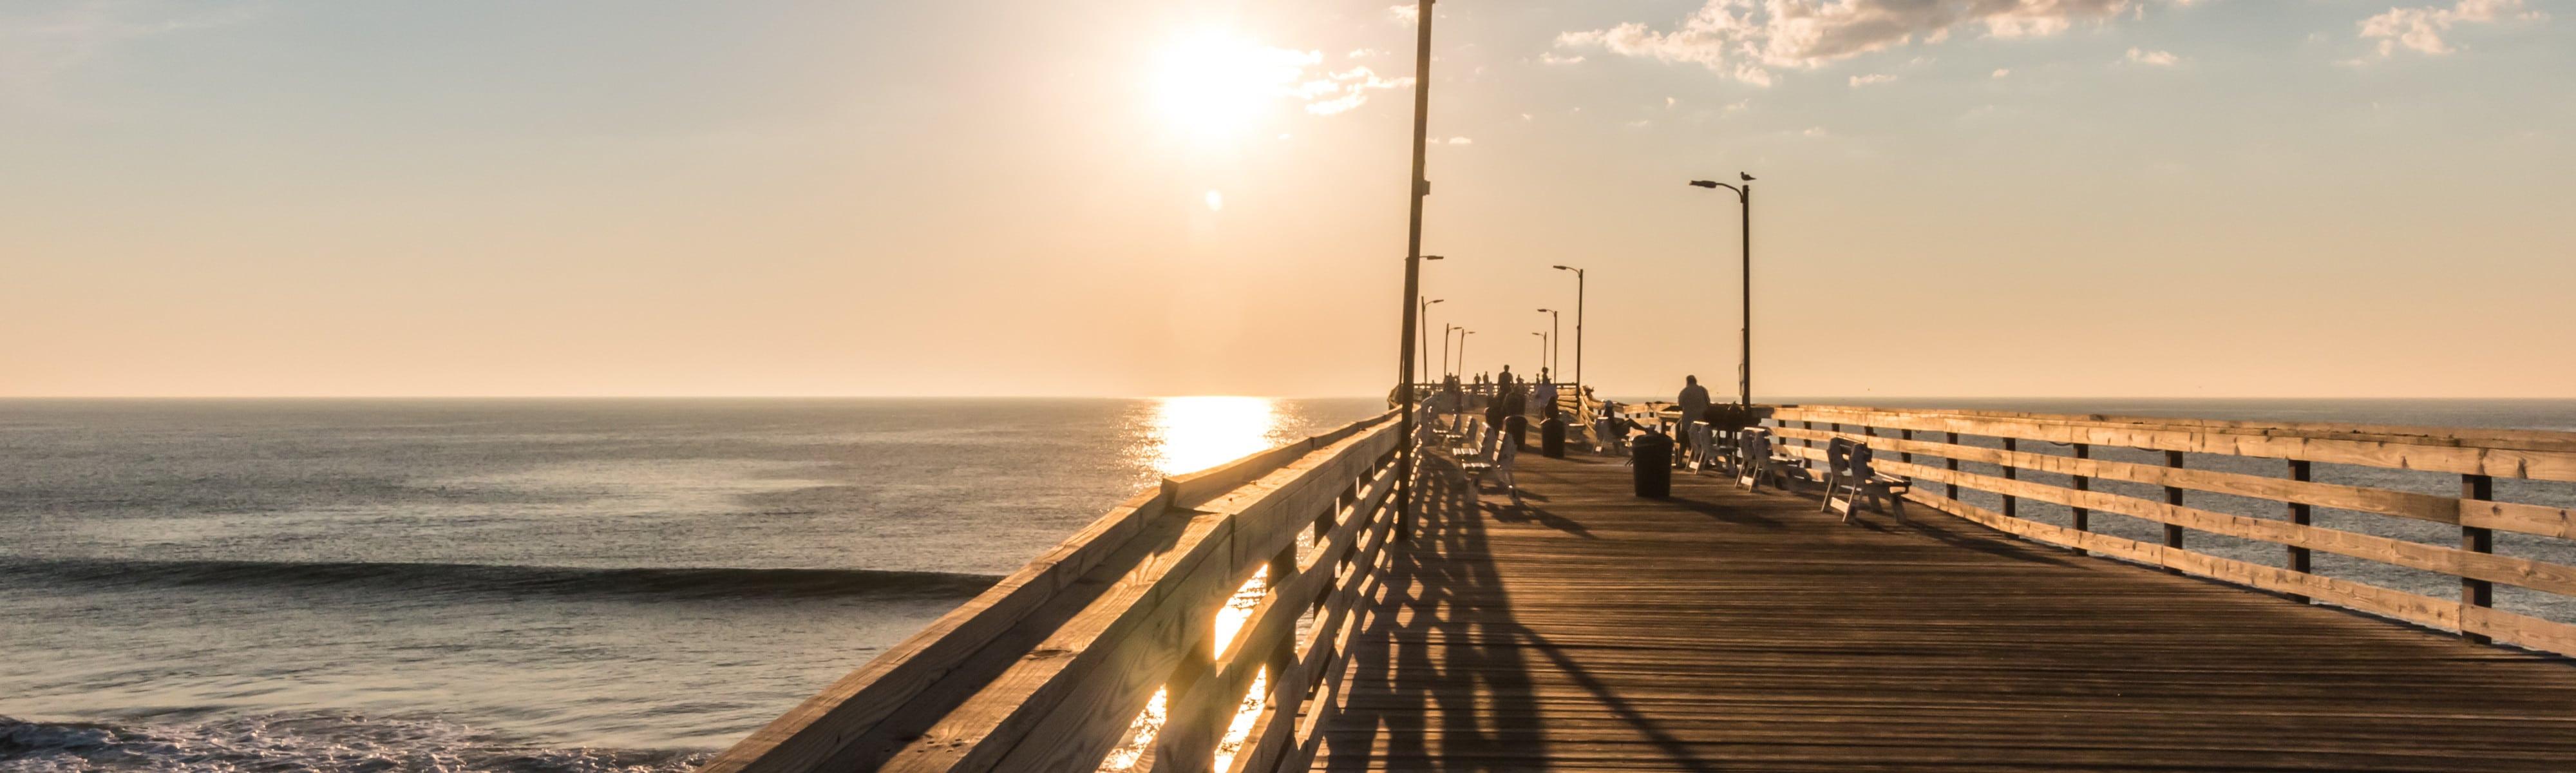 Wooden pier on Virginia Beach, VA.